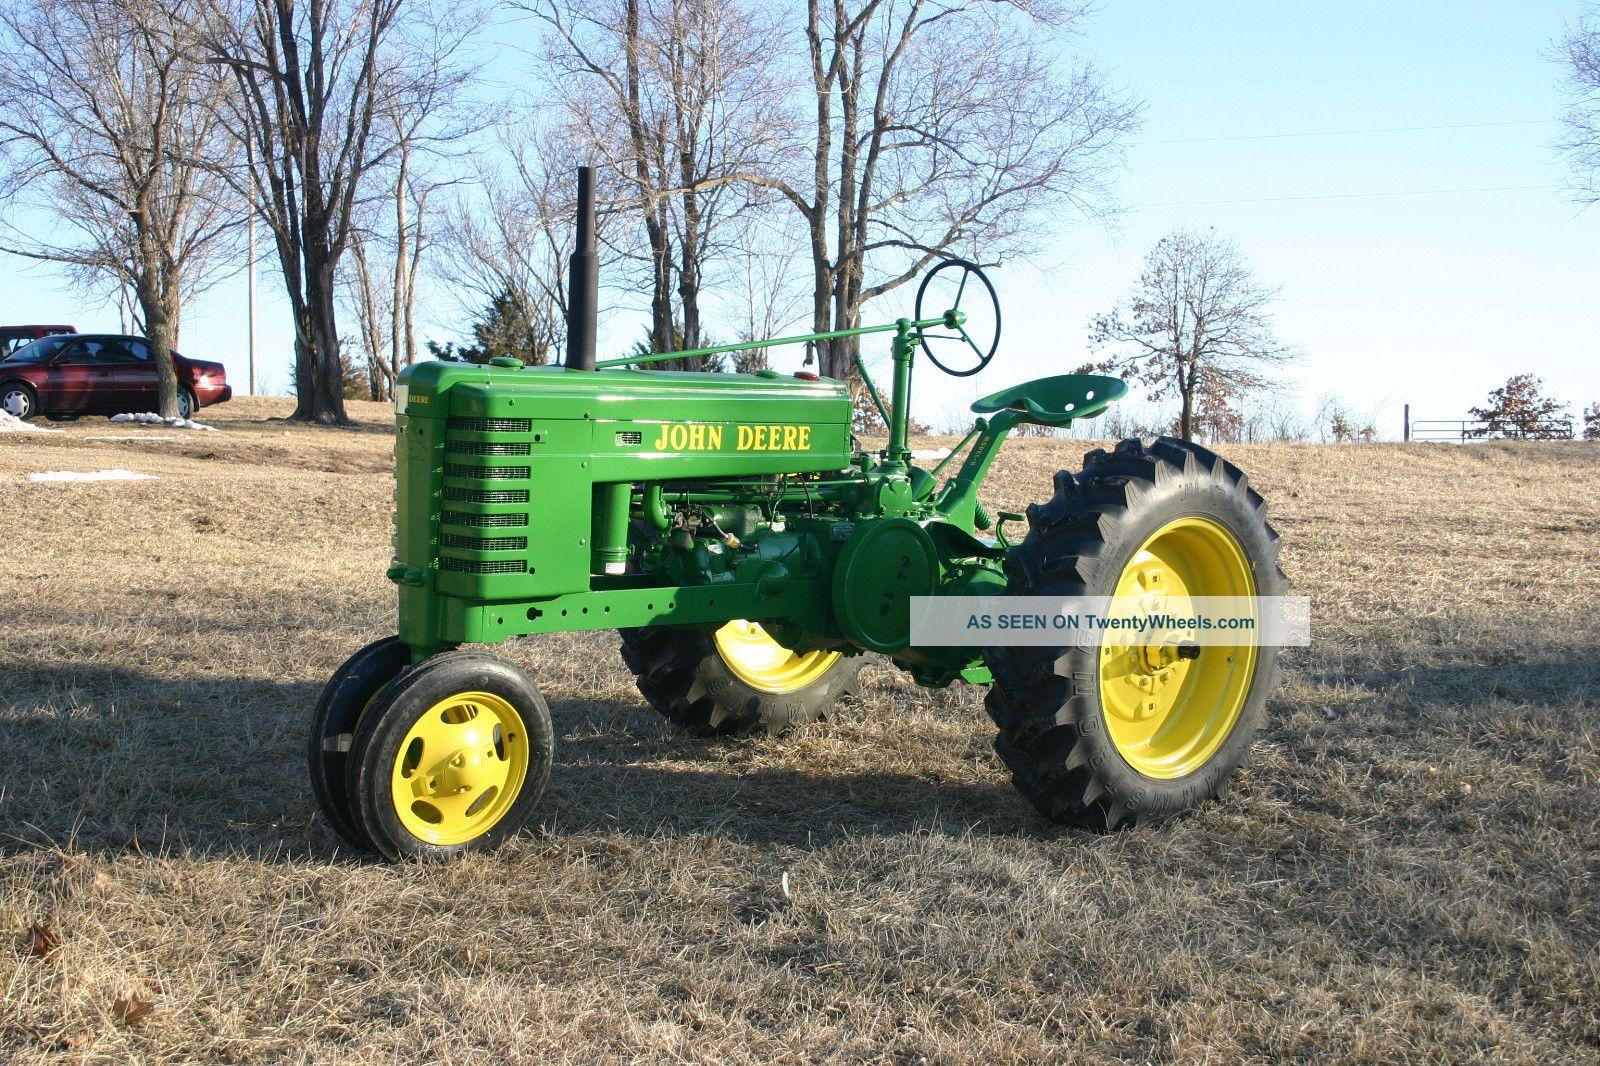 N Deere John Deere H Tractor